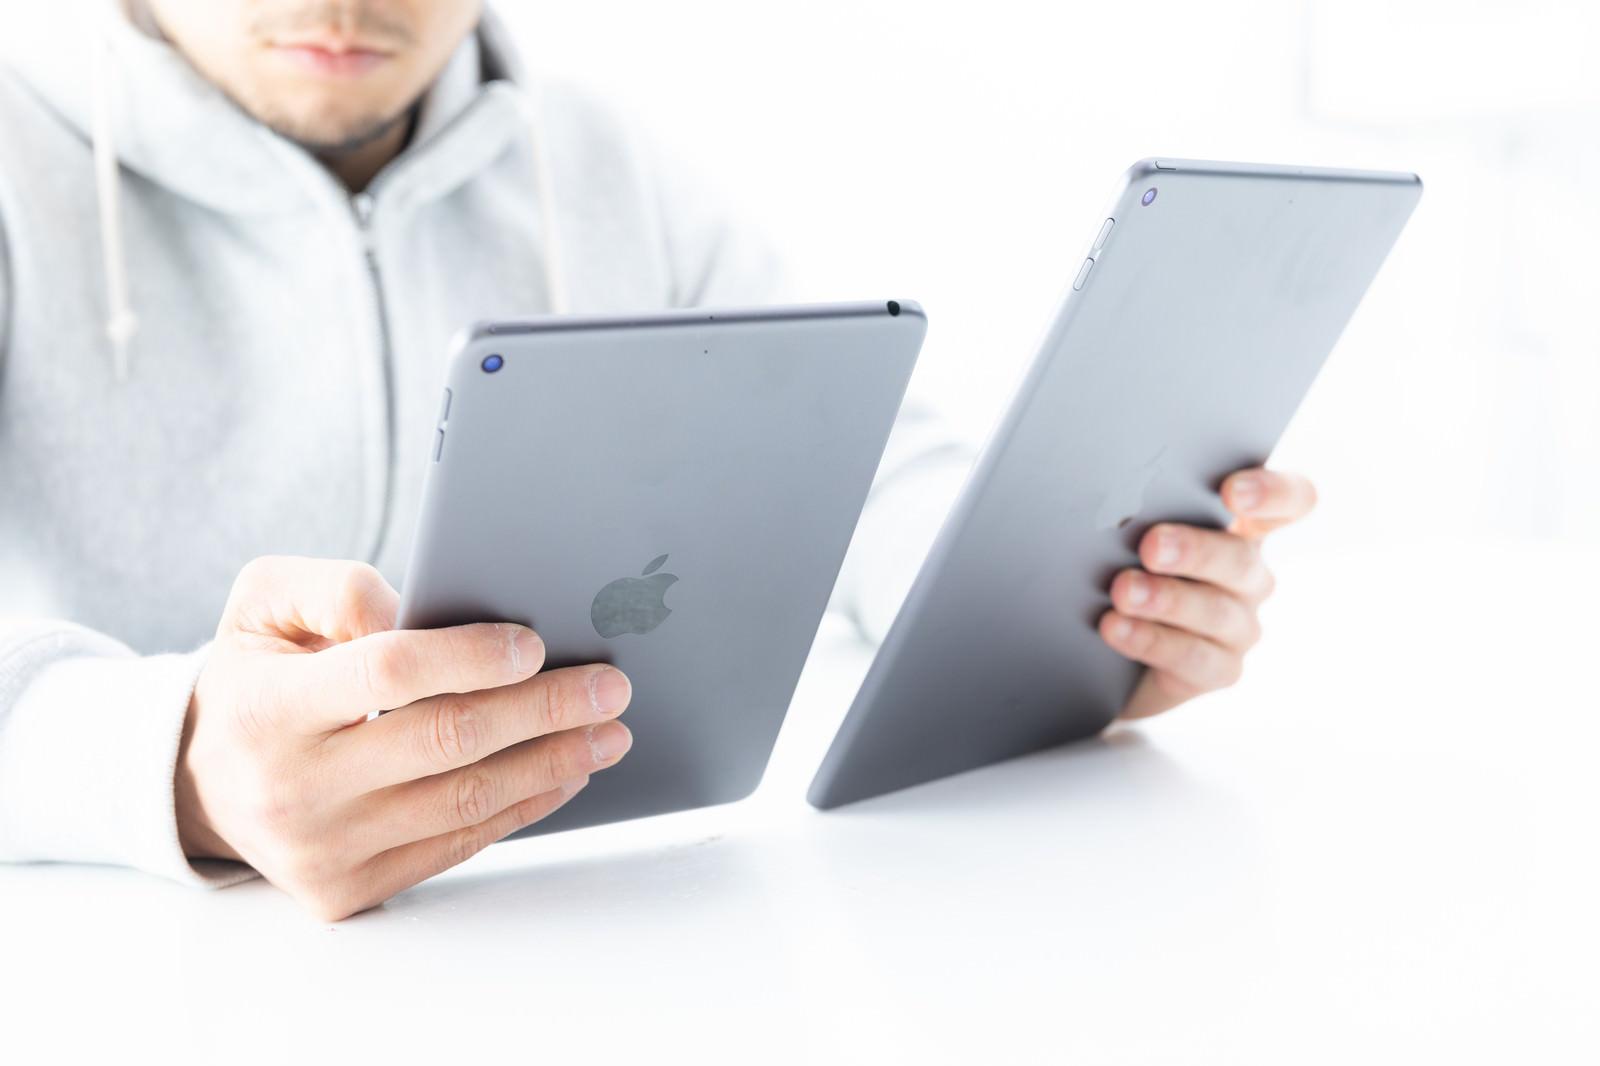 「iPadのディスプレイを細かく見比べる男性」の写真